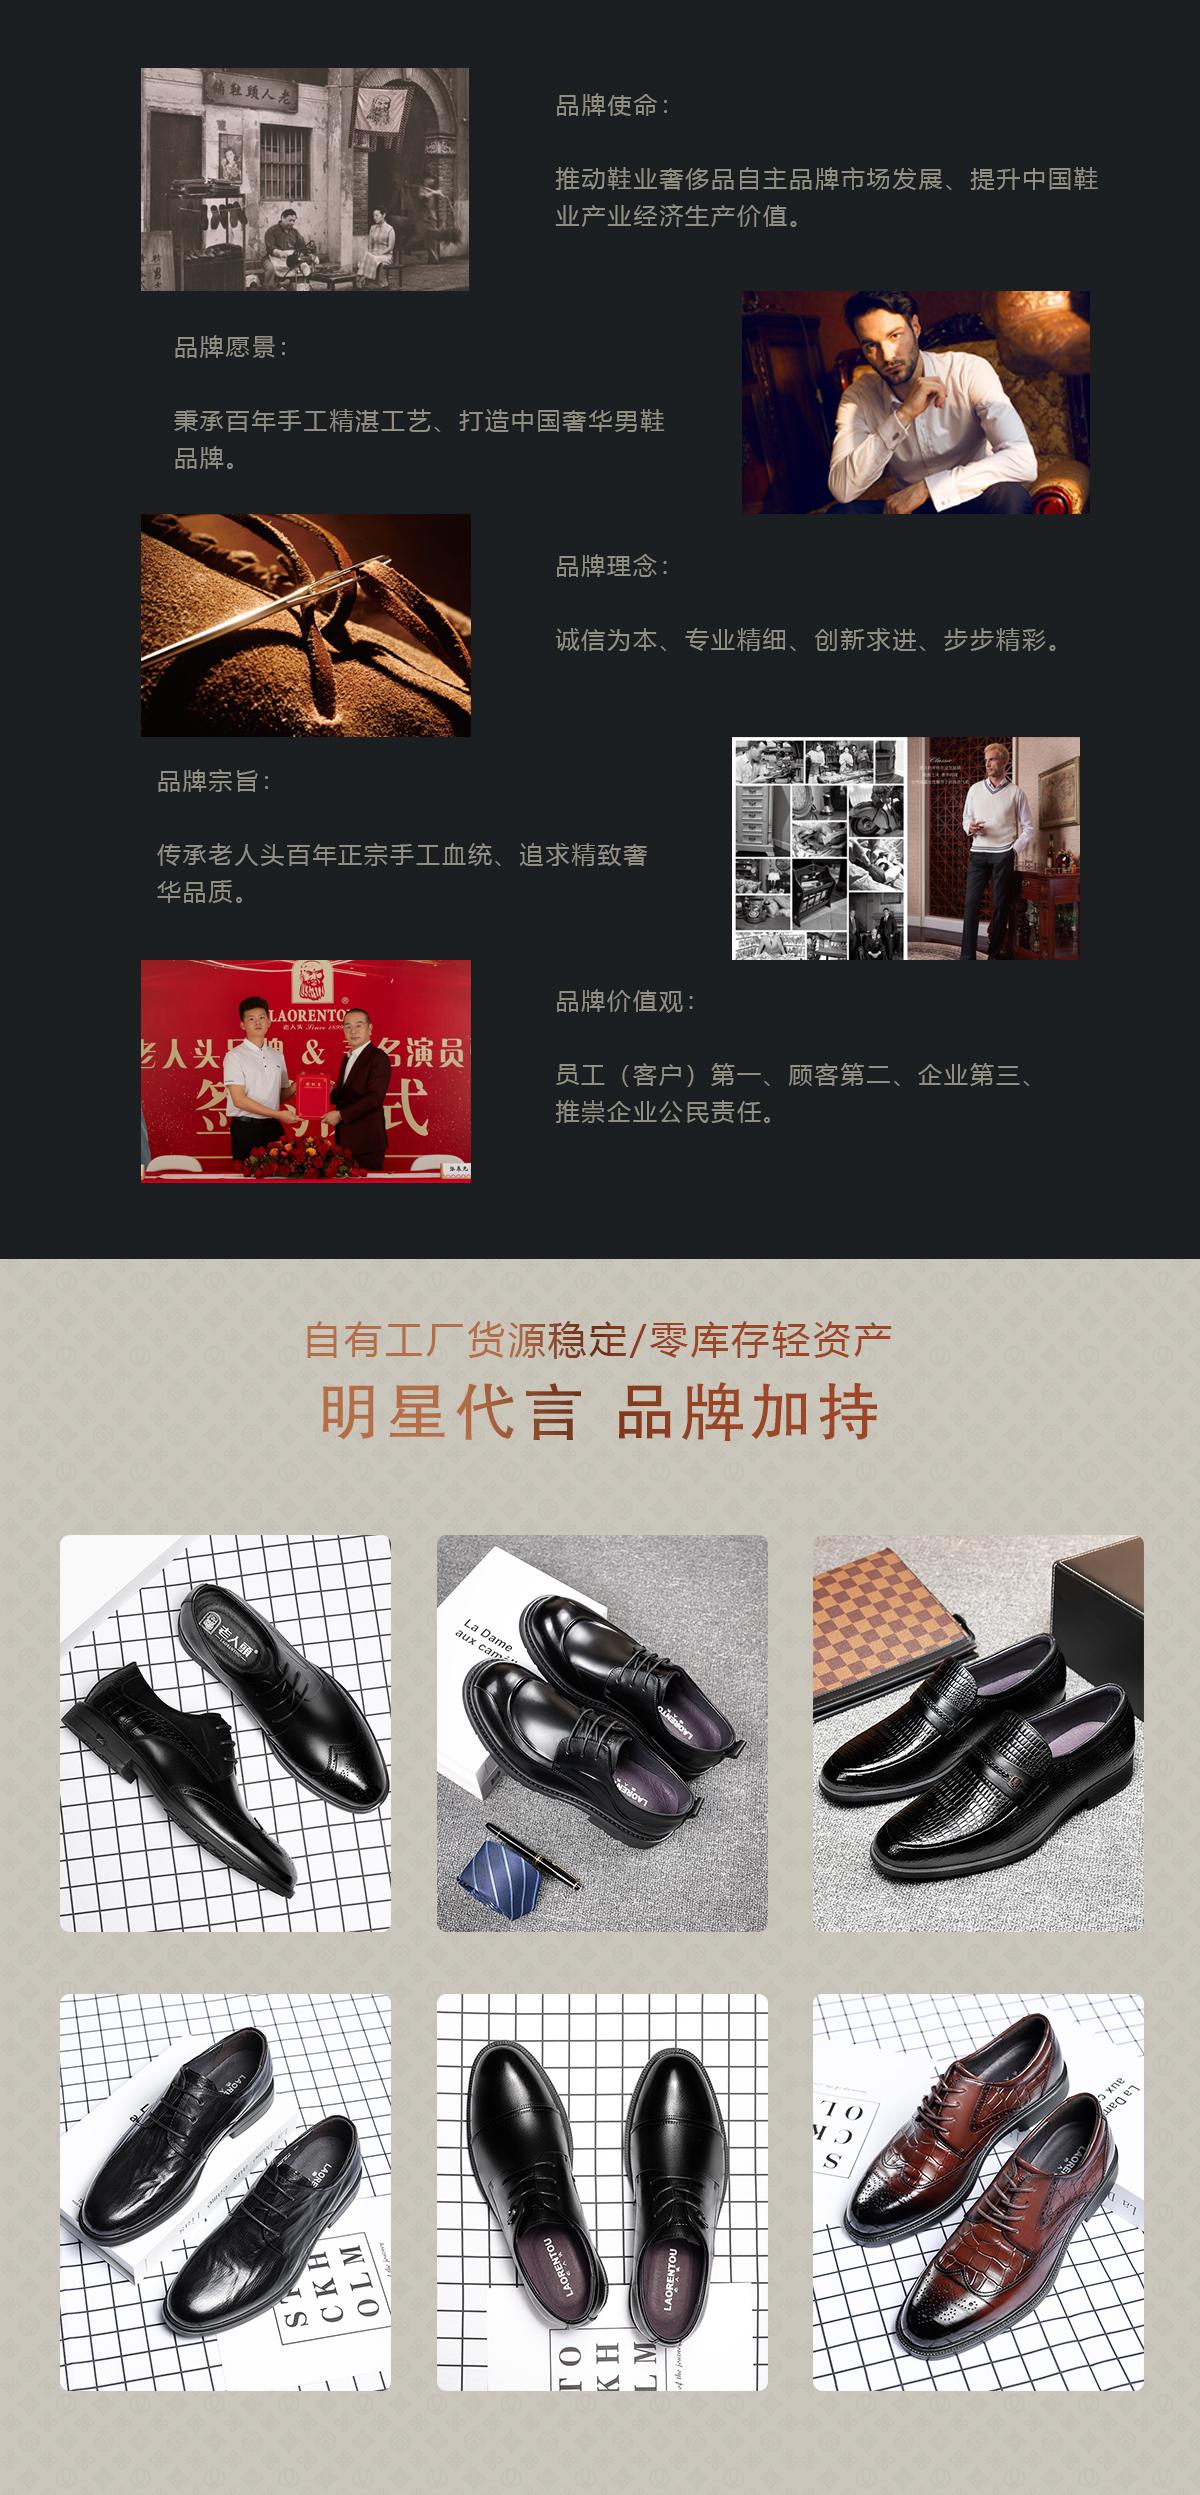 中国高端皮鞋 老人头全国招商